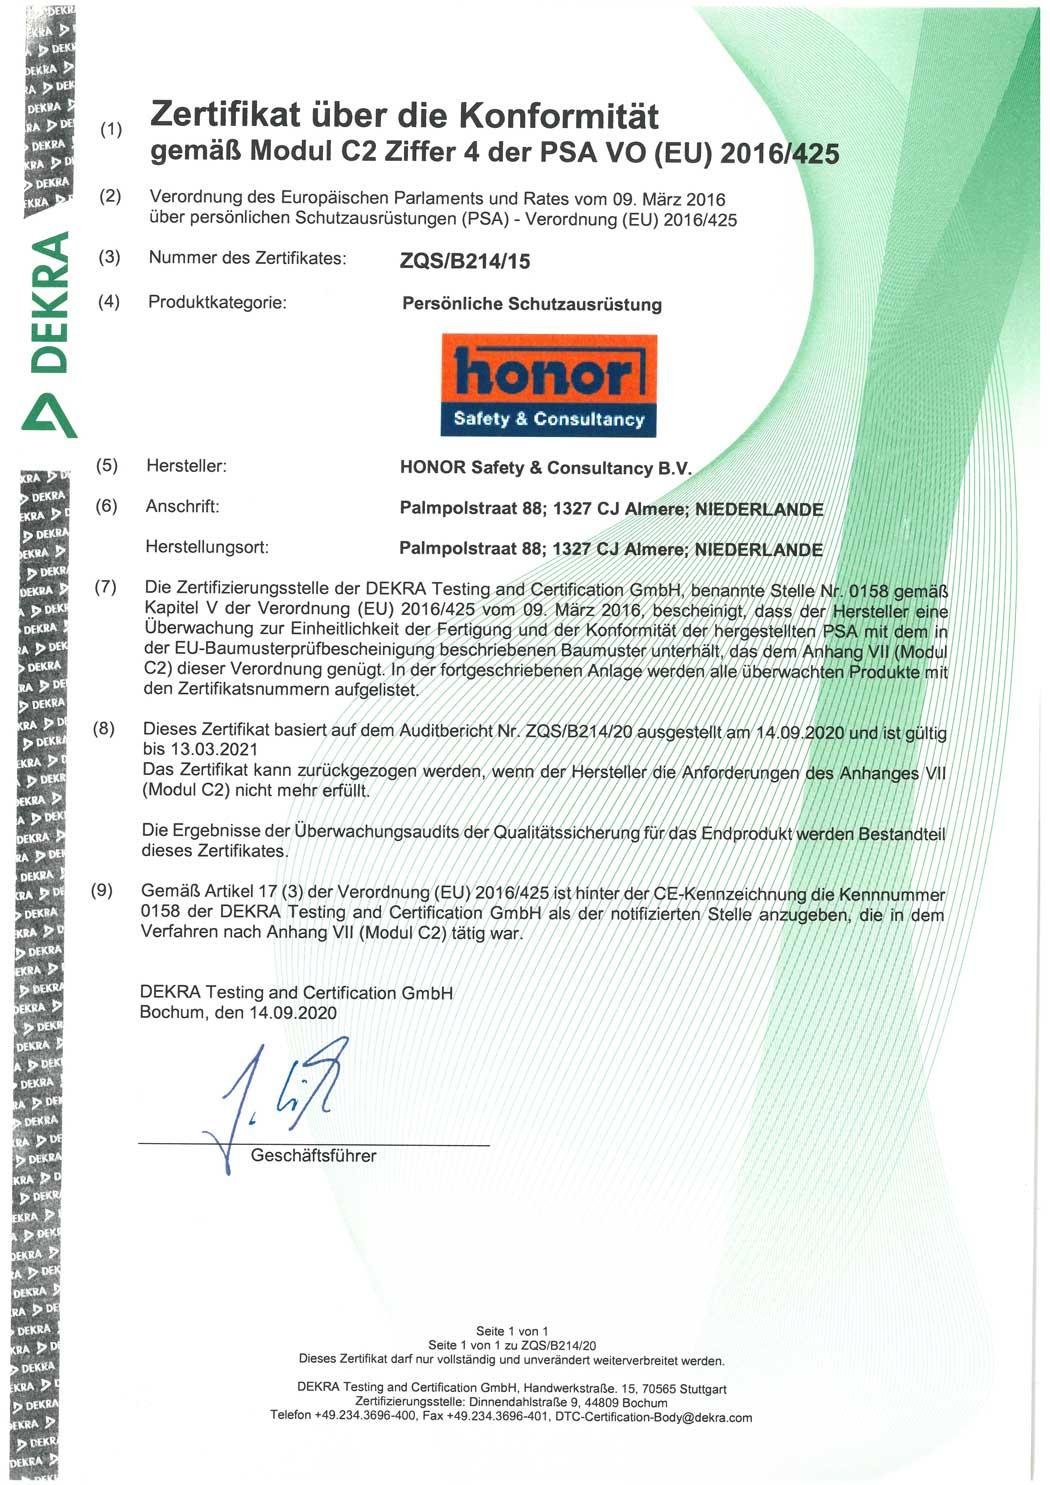 HONOR-manufacturing-process-PPE-Regulation-2016-425-Module-C-par.-4